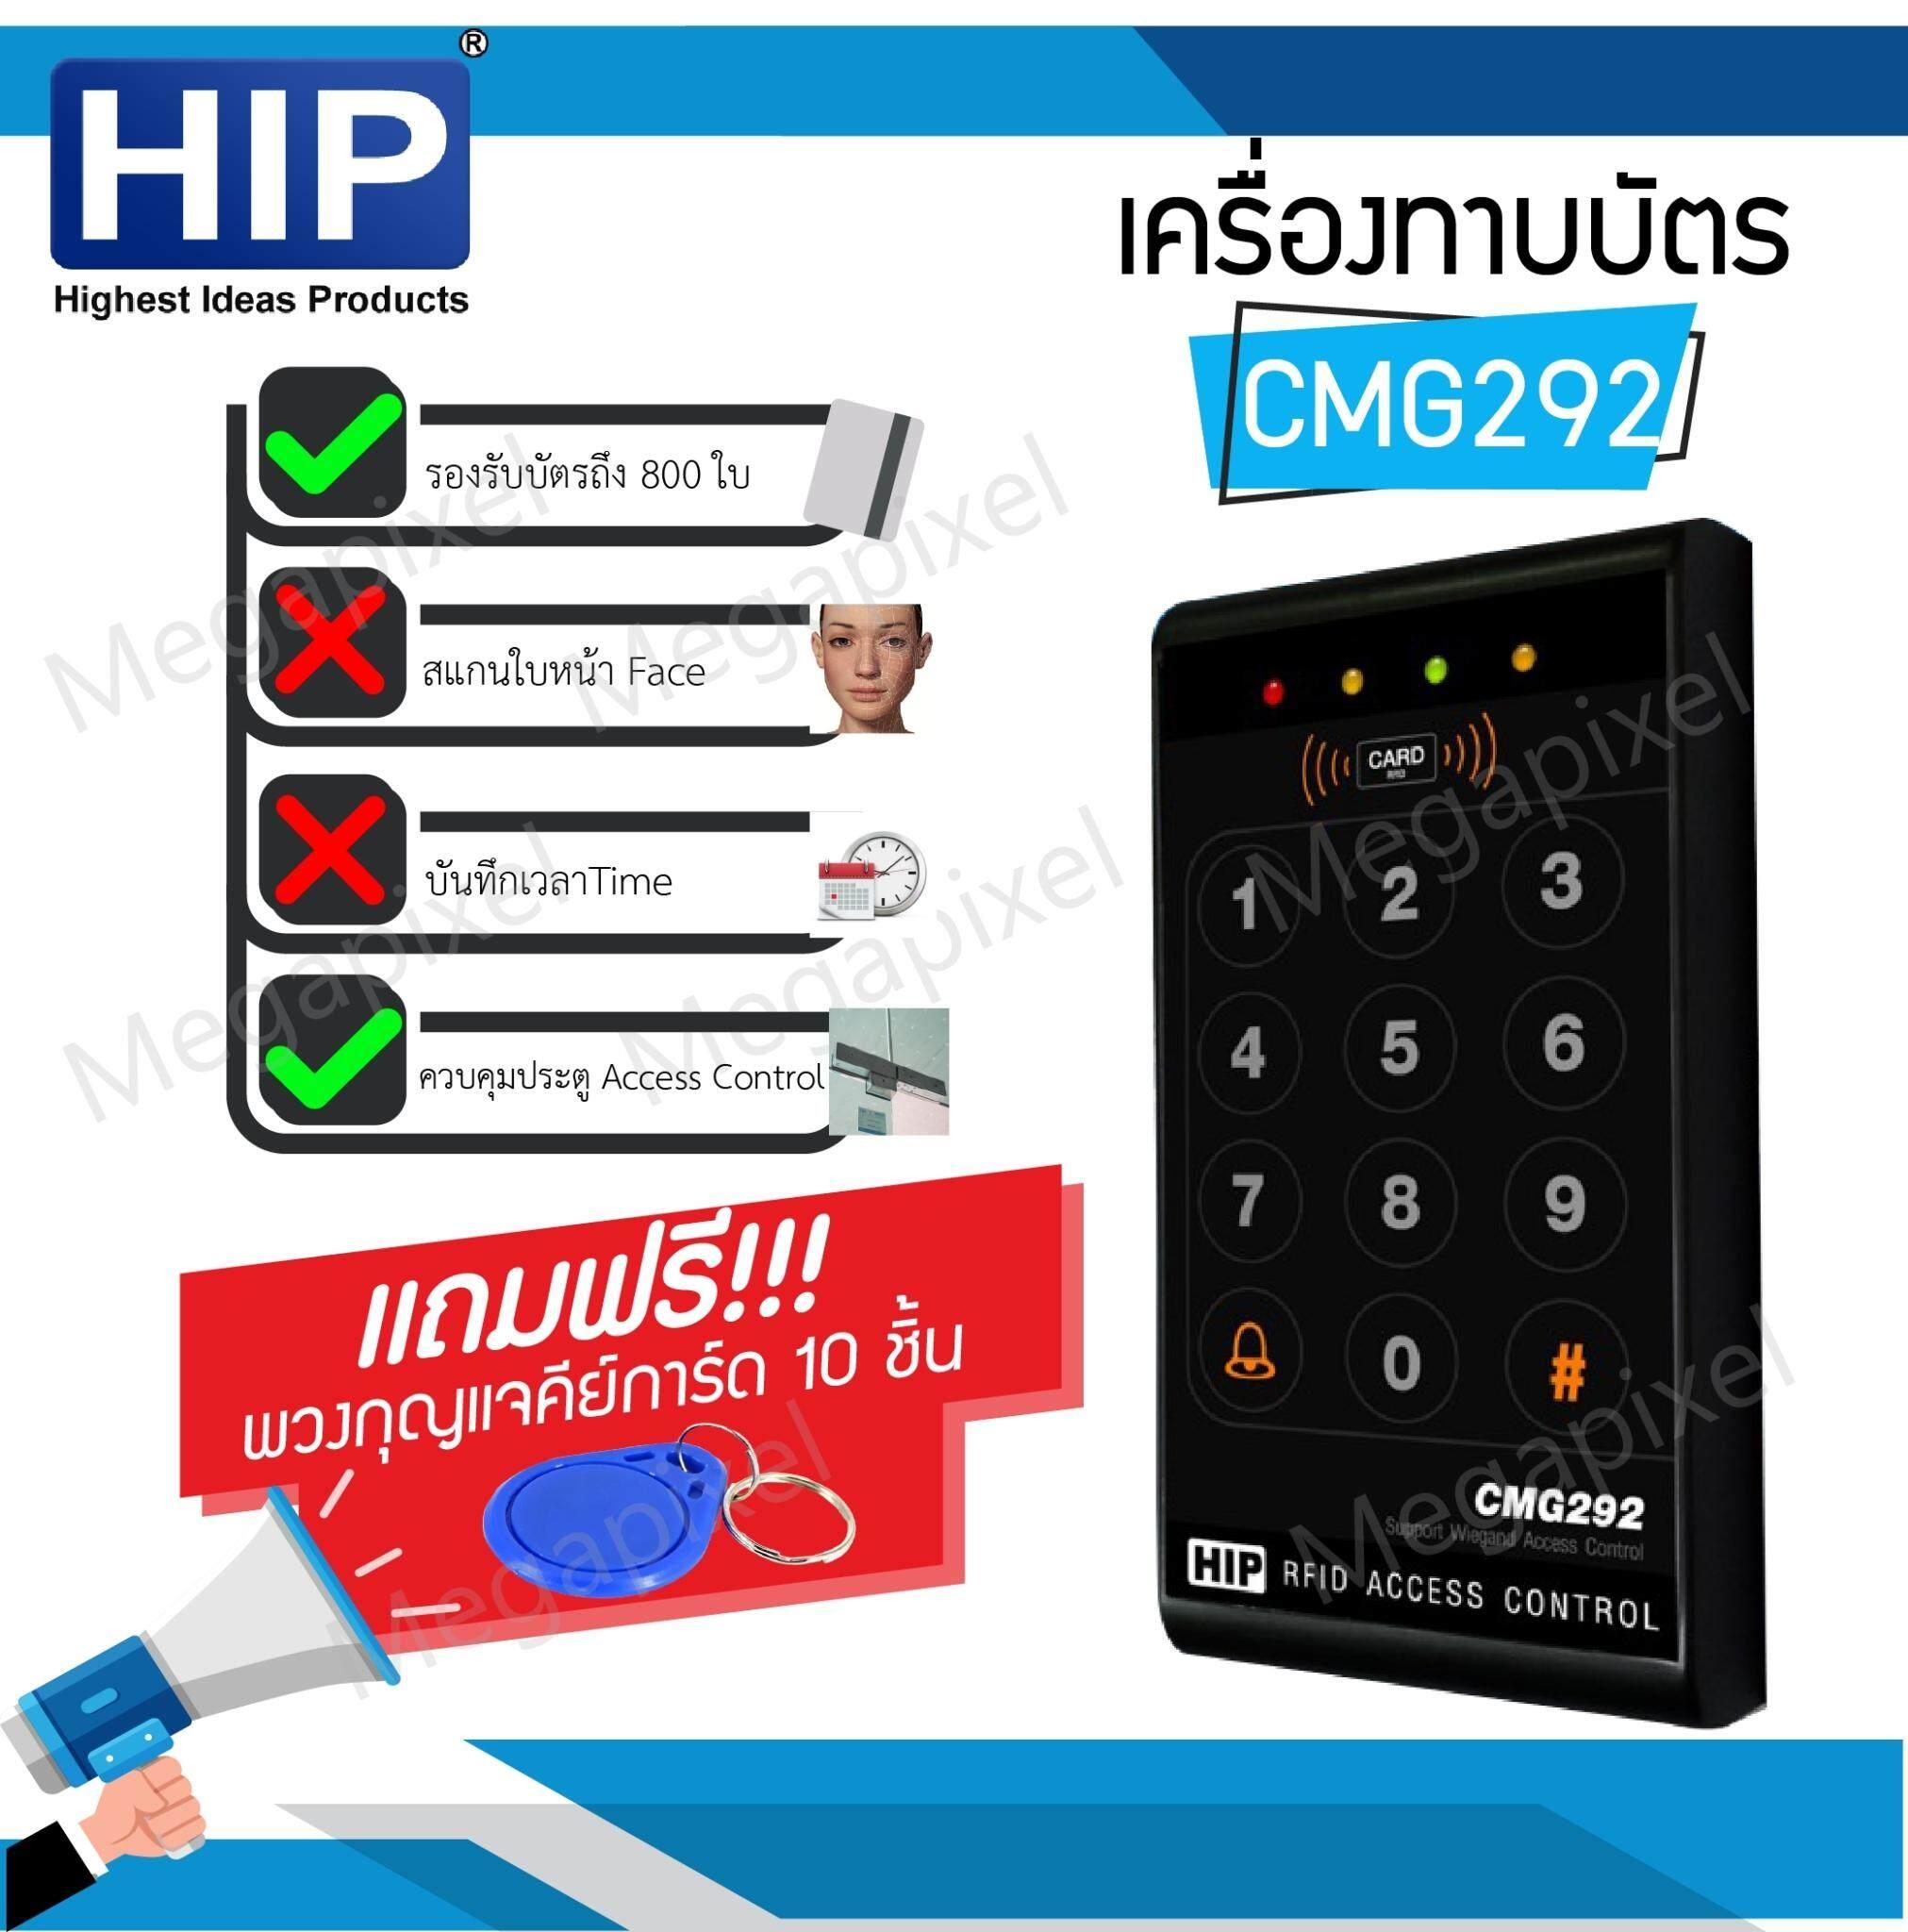 Hip Cmg292 เครื่องทาบบัตร Access Control สำหรับควบคุมการเข้าออกประตู.